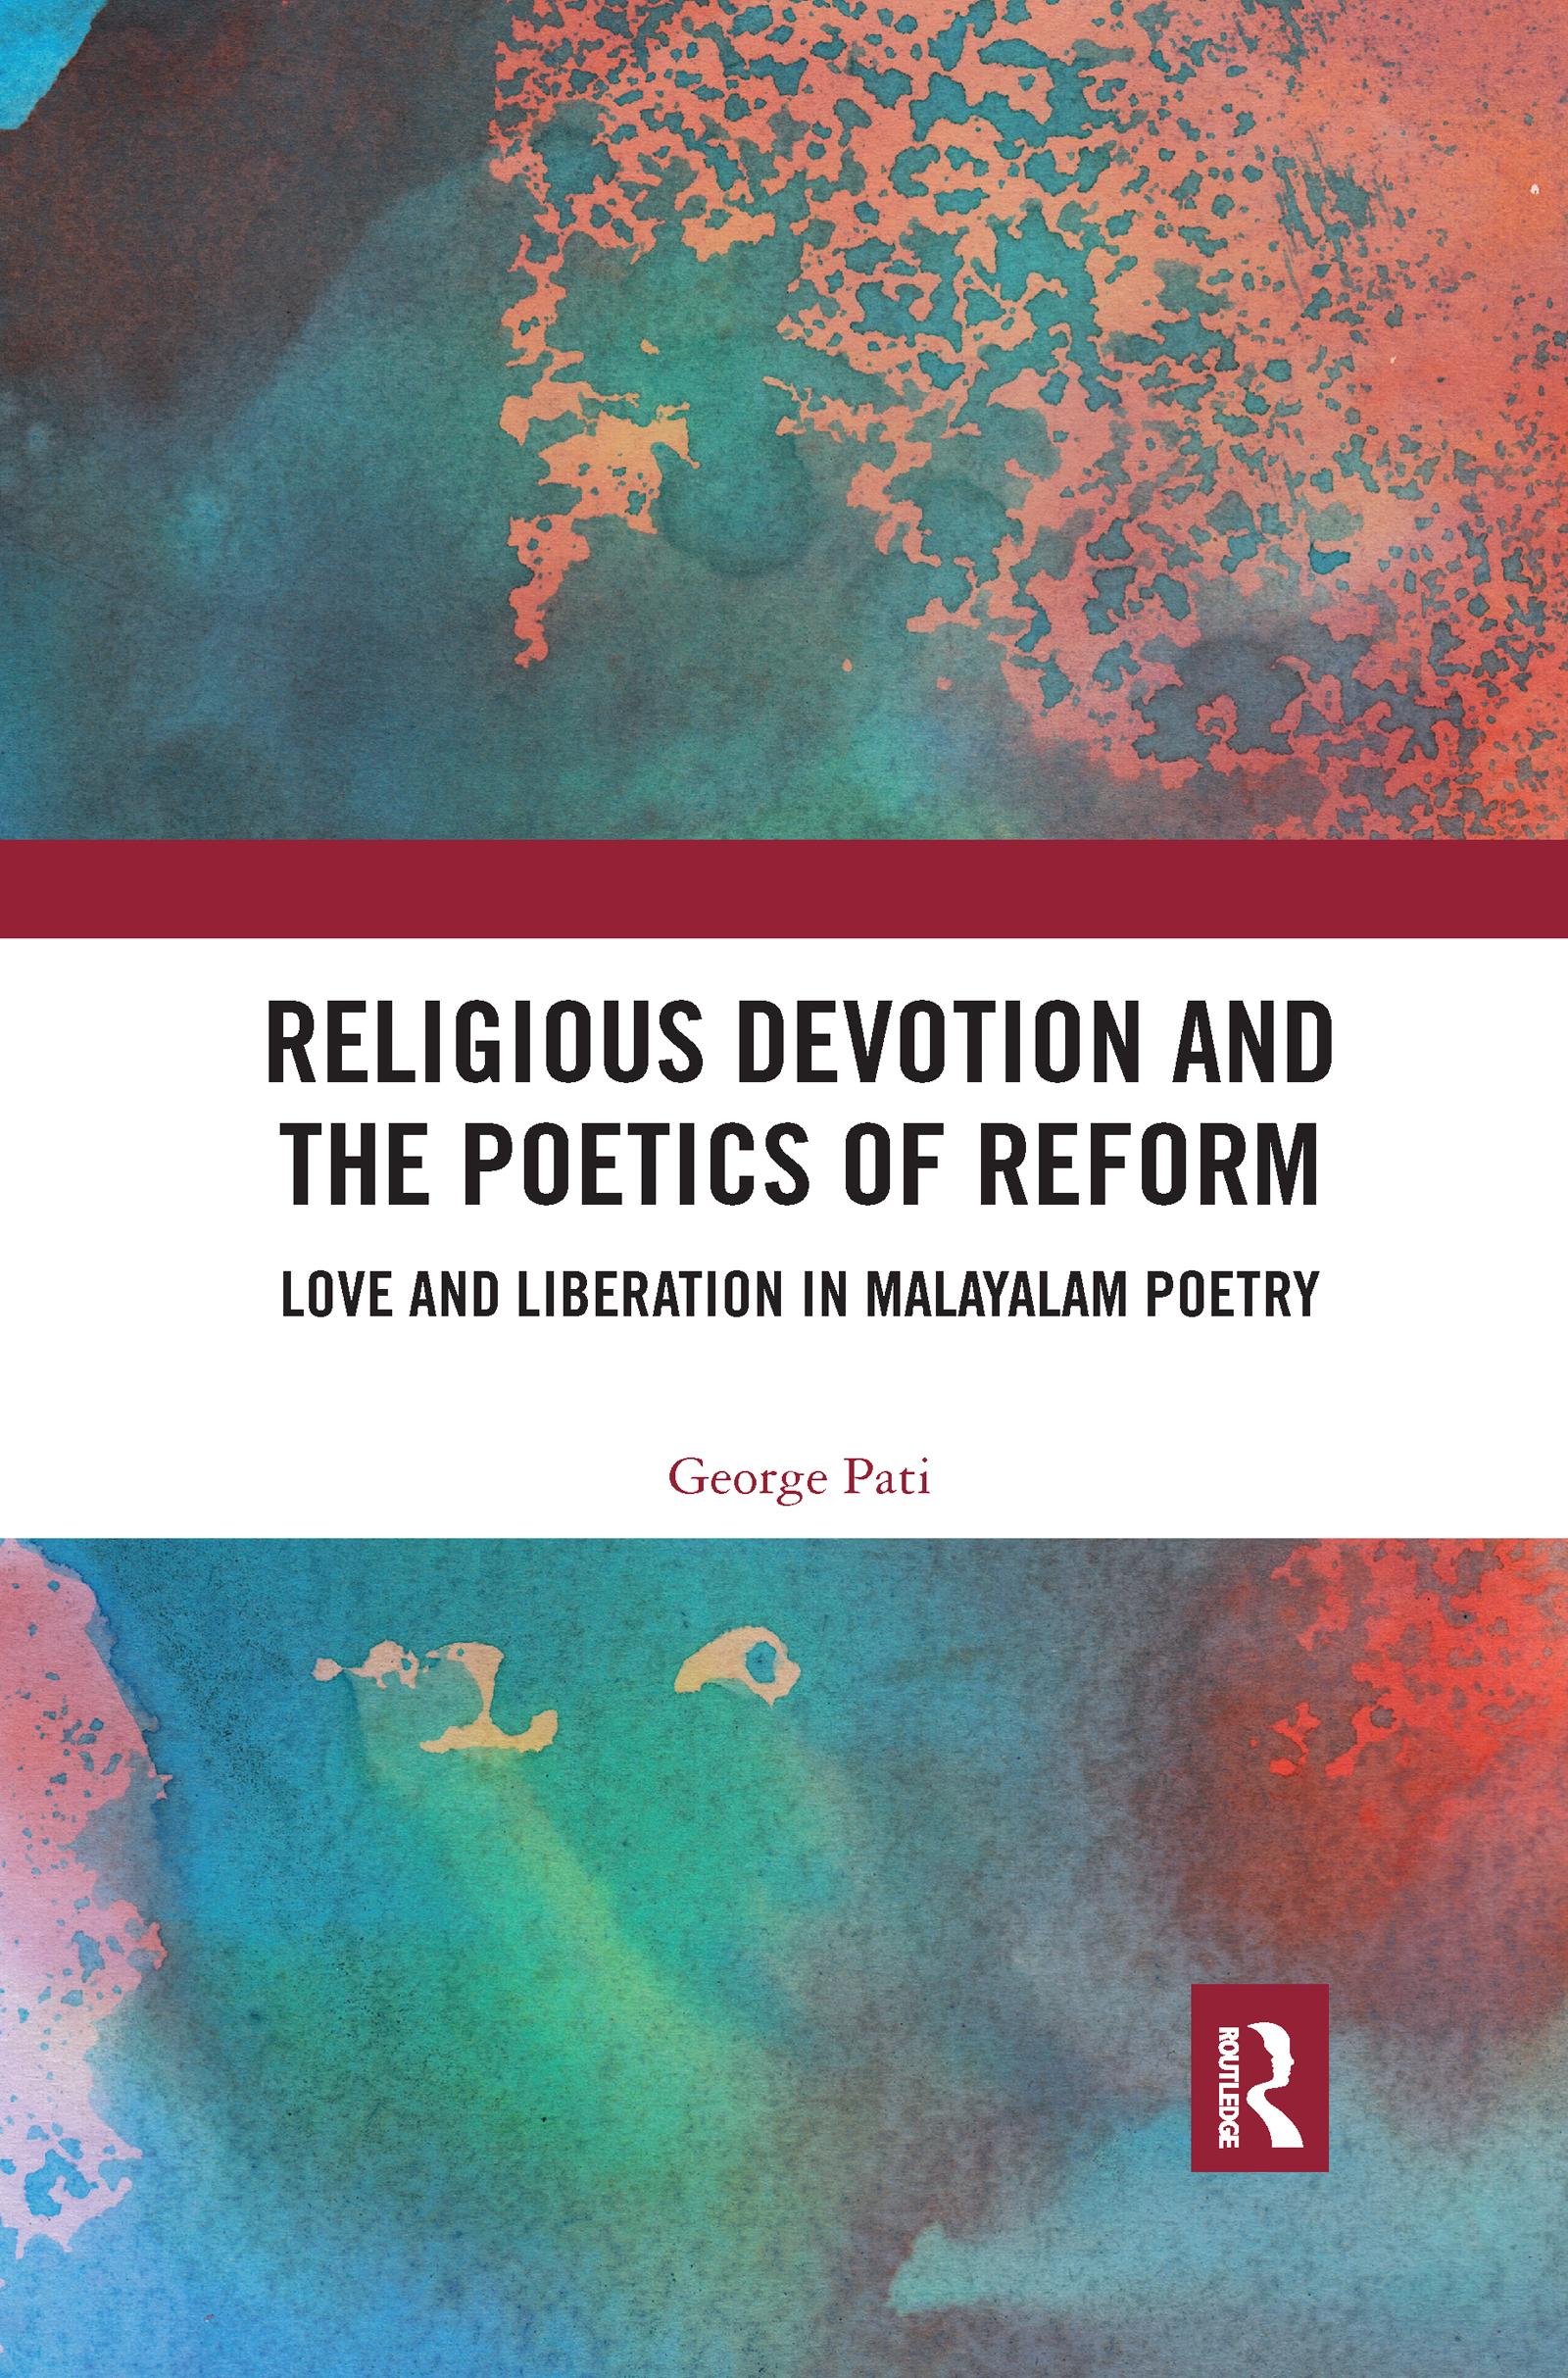 Religious Devotion and the Poetics of Reform